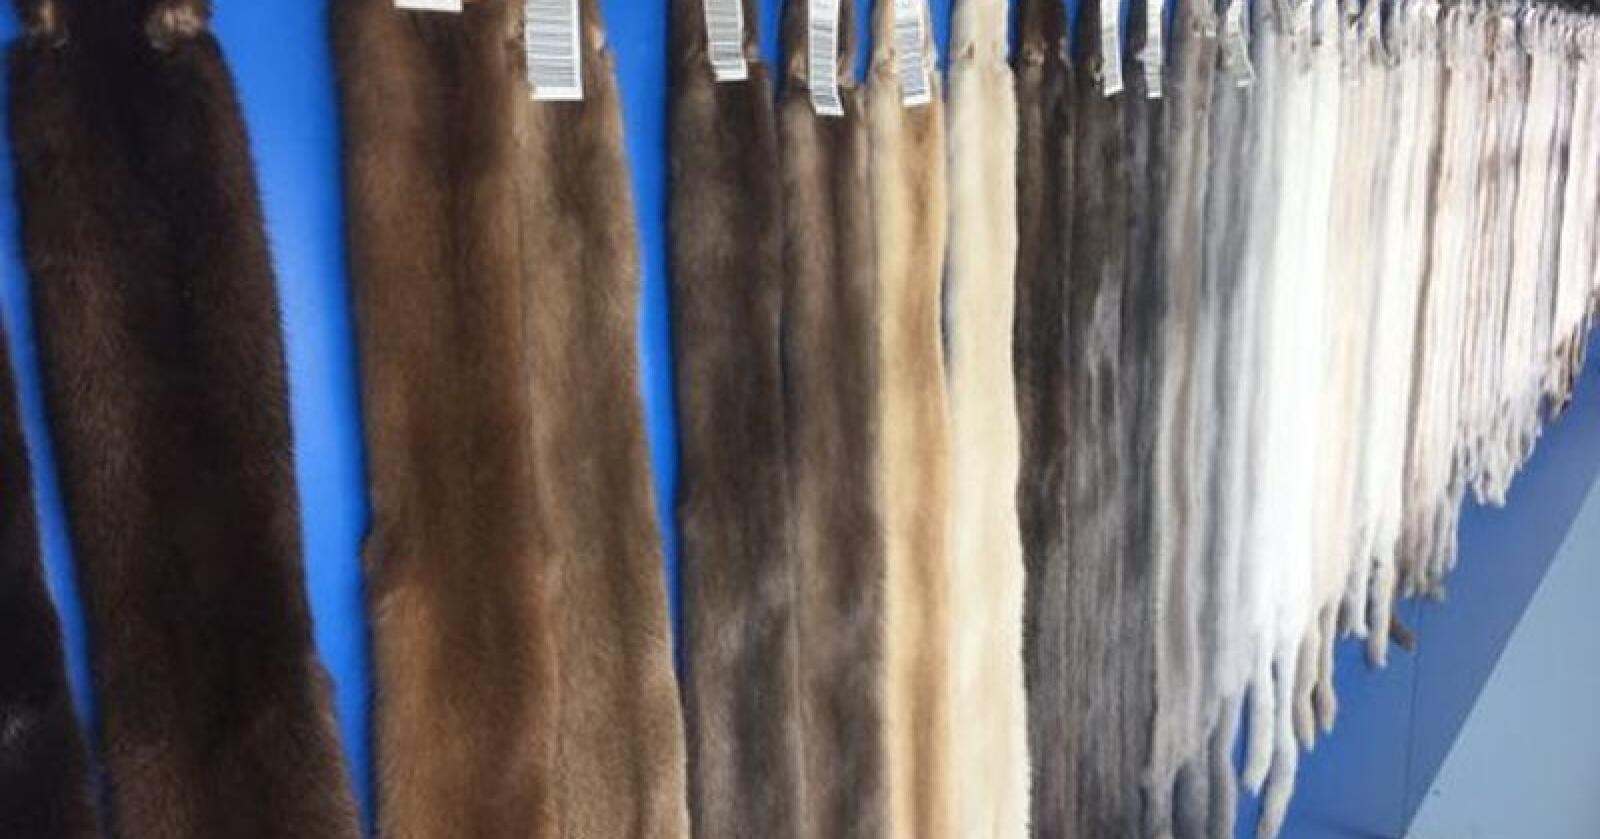 Auksjonen hos Kopenhagen Fur viser tydelig at pelsmarkedet opplever økende priser etter noen års prisnedgang.